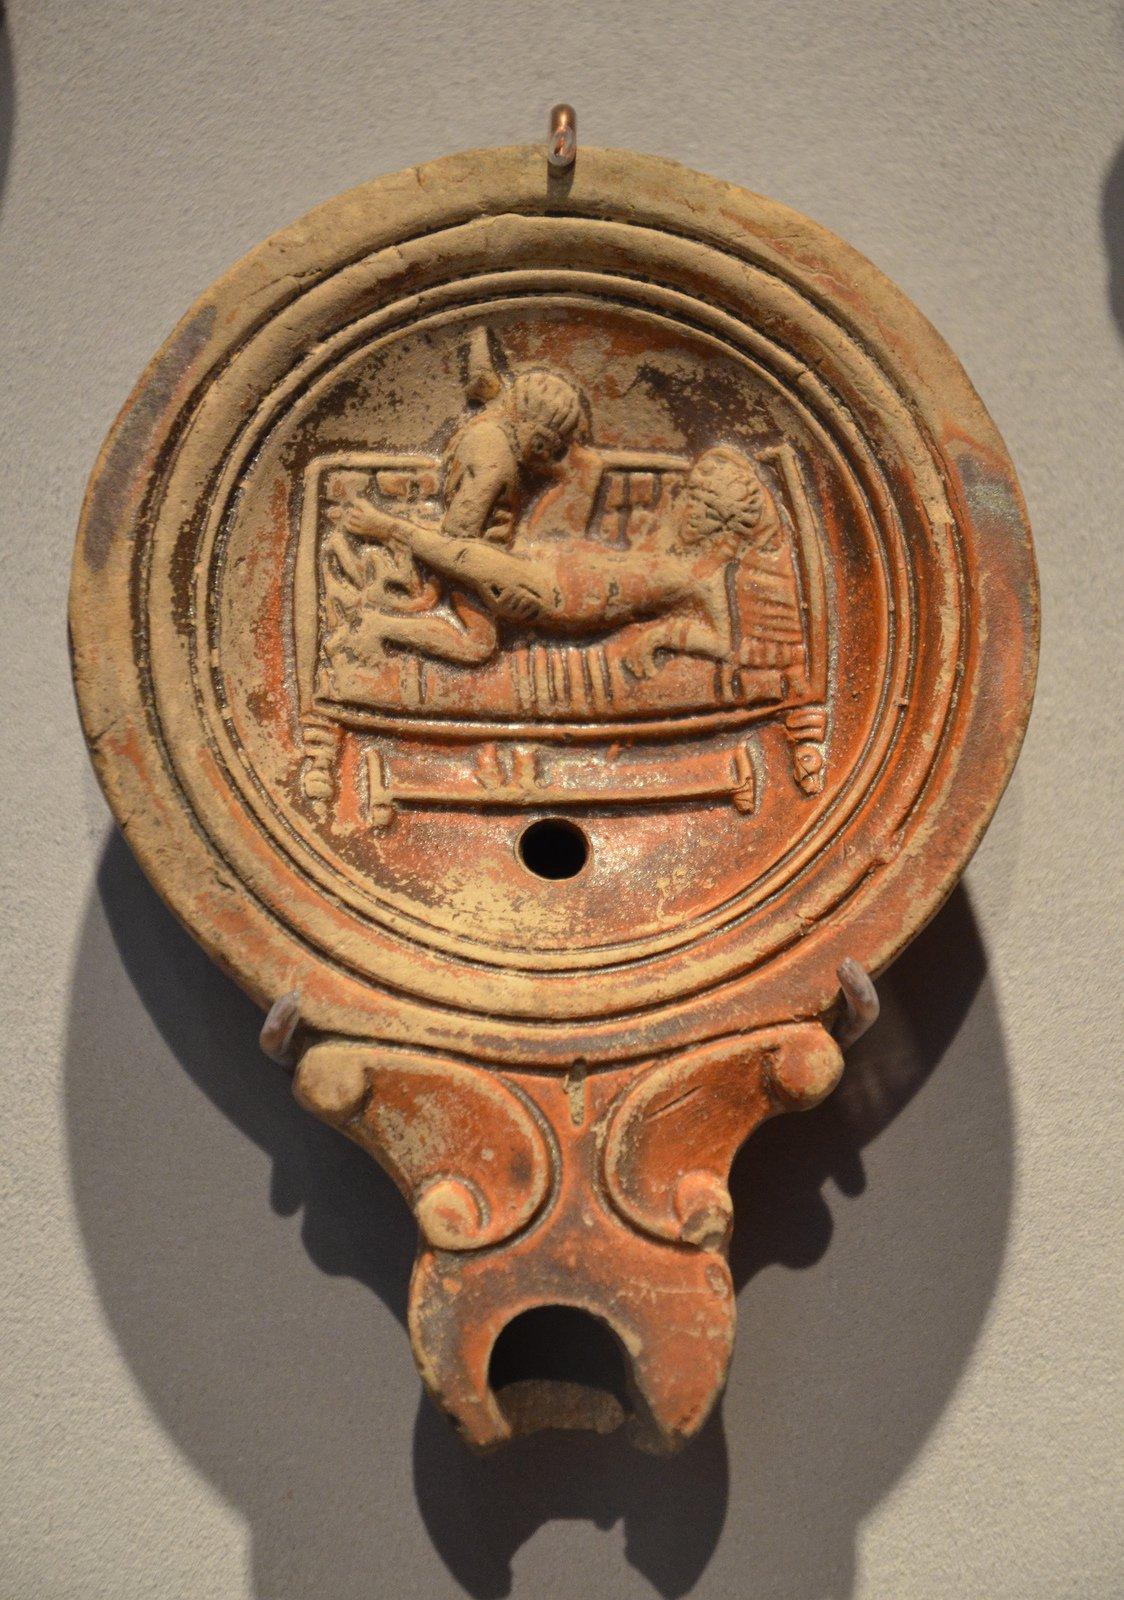 Roman oil lamp: erotic images